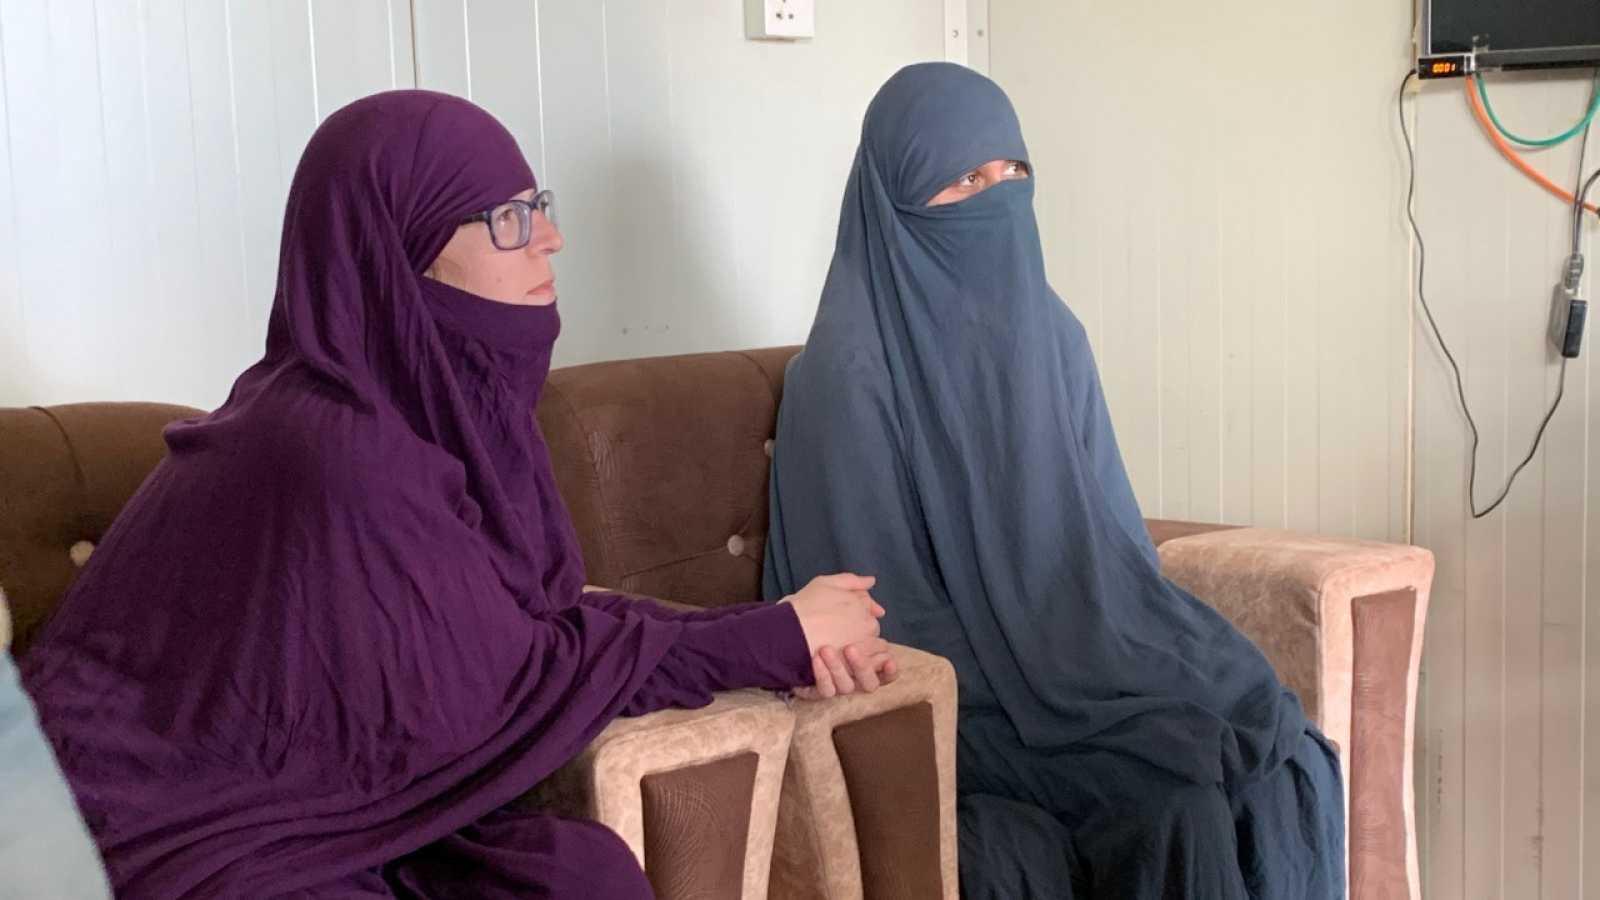 Luna Fernández y Yolanda Martínez, dos de las españolas confinadas en el campo sirio de Roj